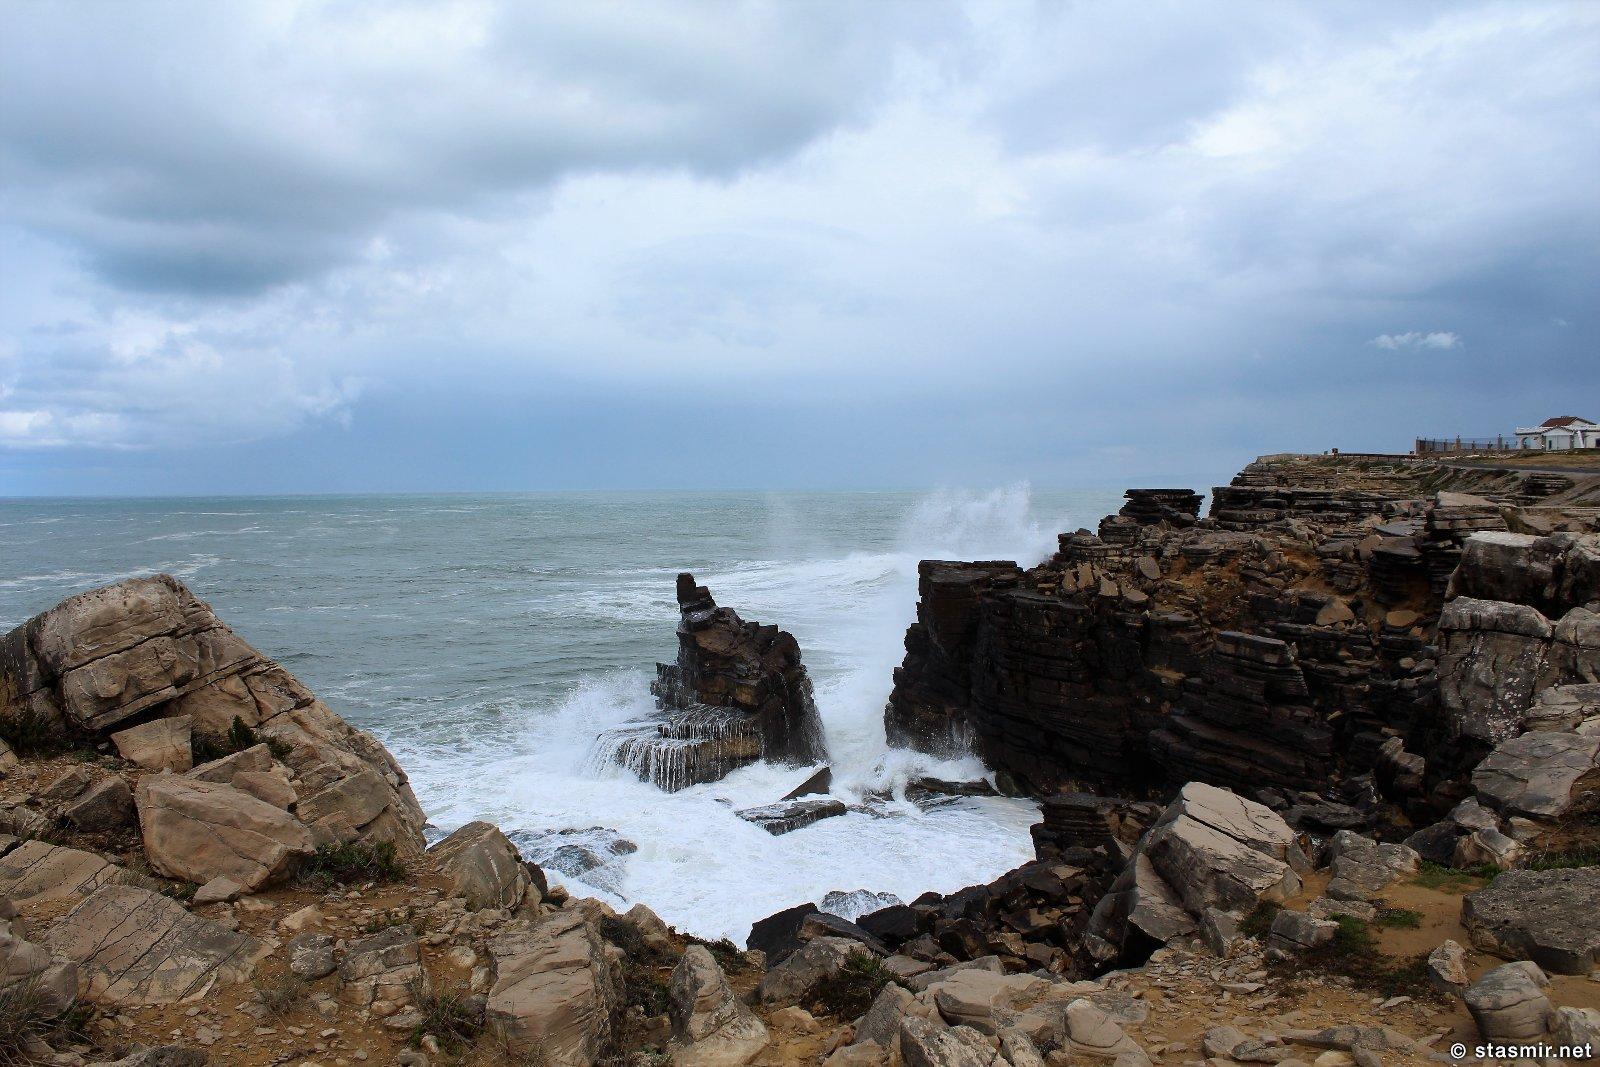 Пениш рядом с Назаре - скалы моей мечты, фото Стасмир, photo Stasmir